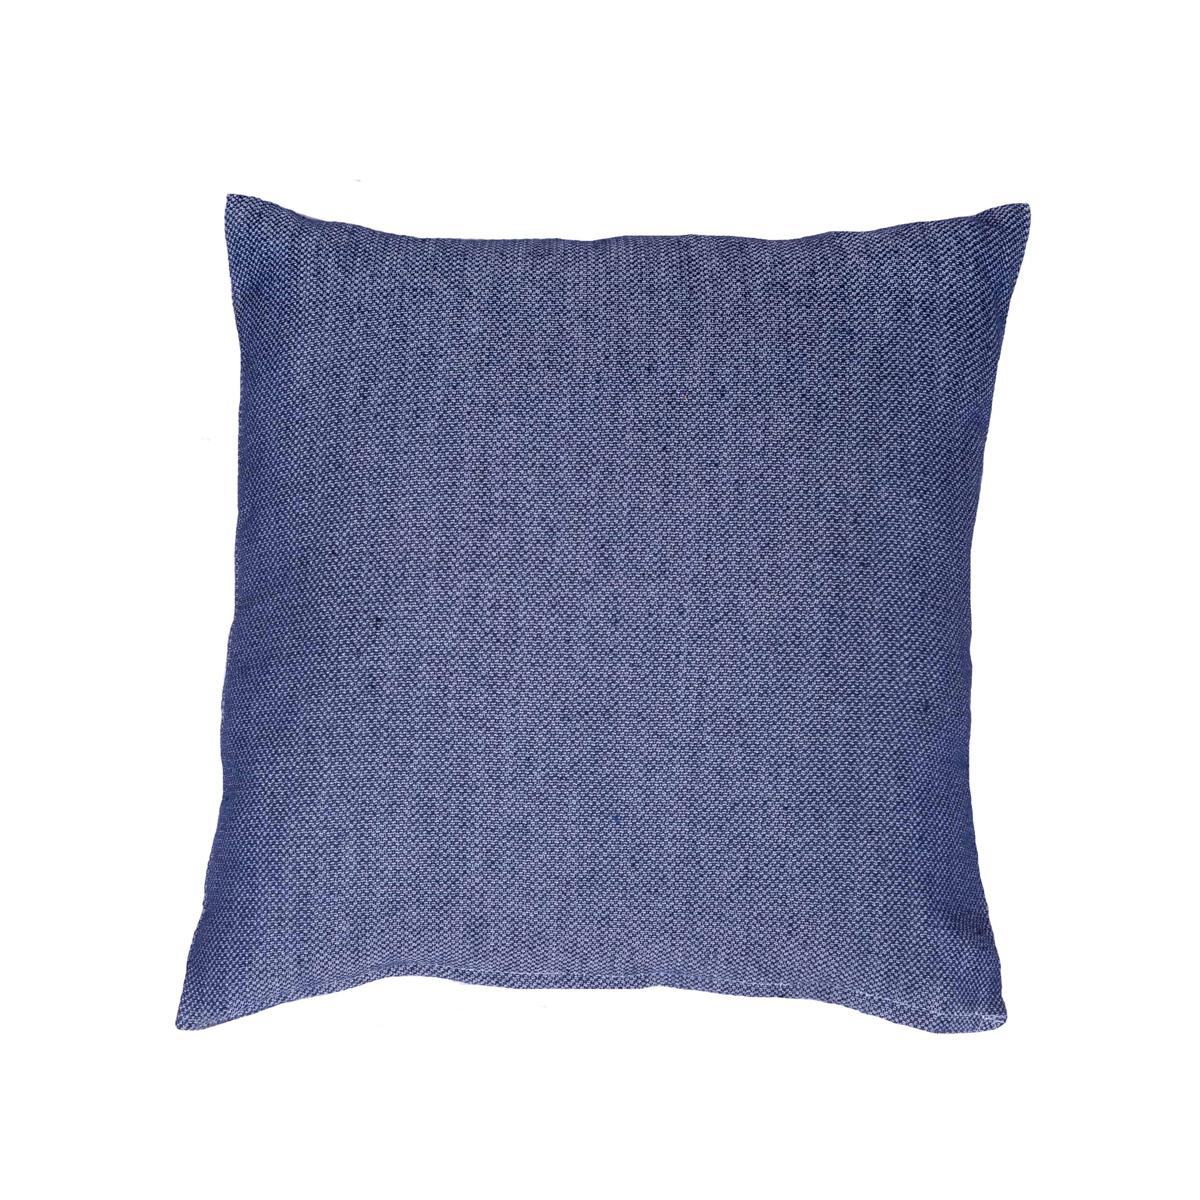 Διακοσμητική Μαξιλαροθήκη (40×40) Loom To Room Regalo Dark Blue